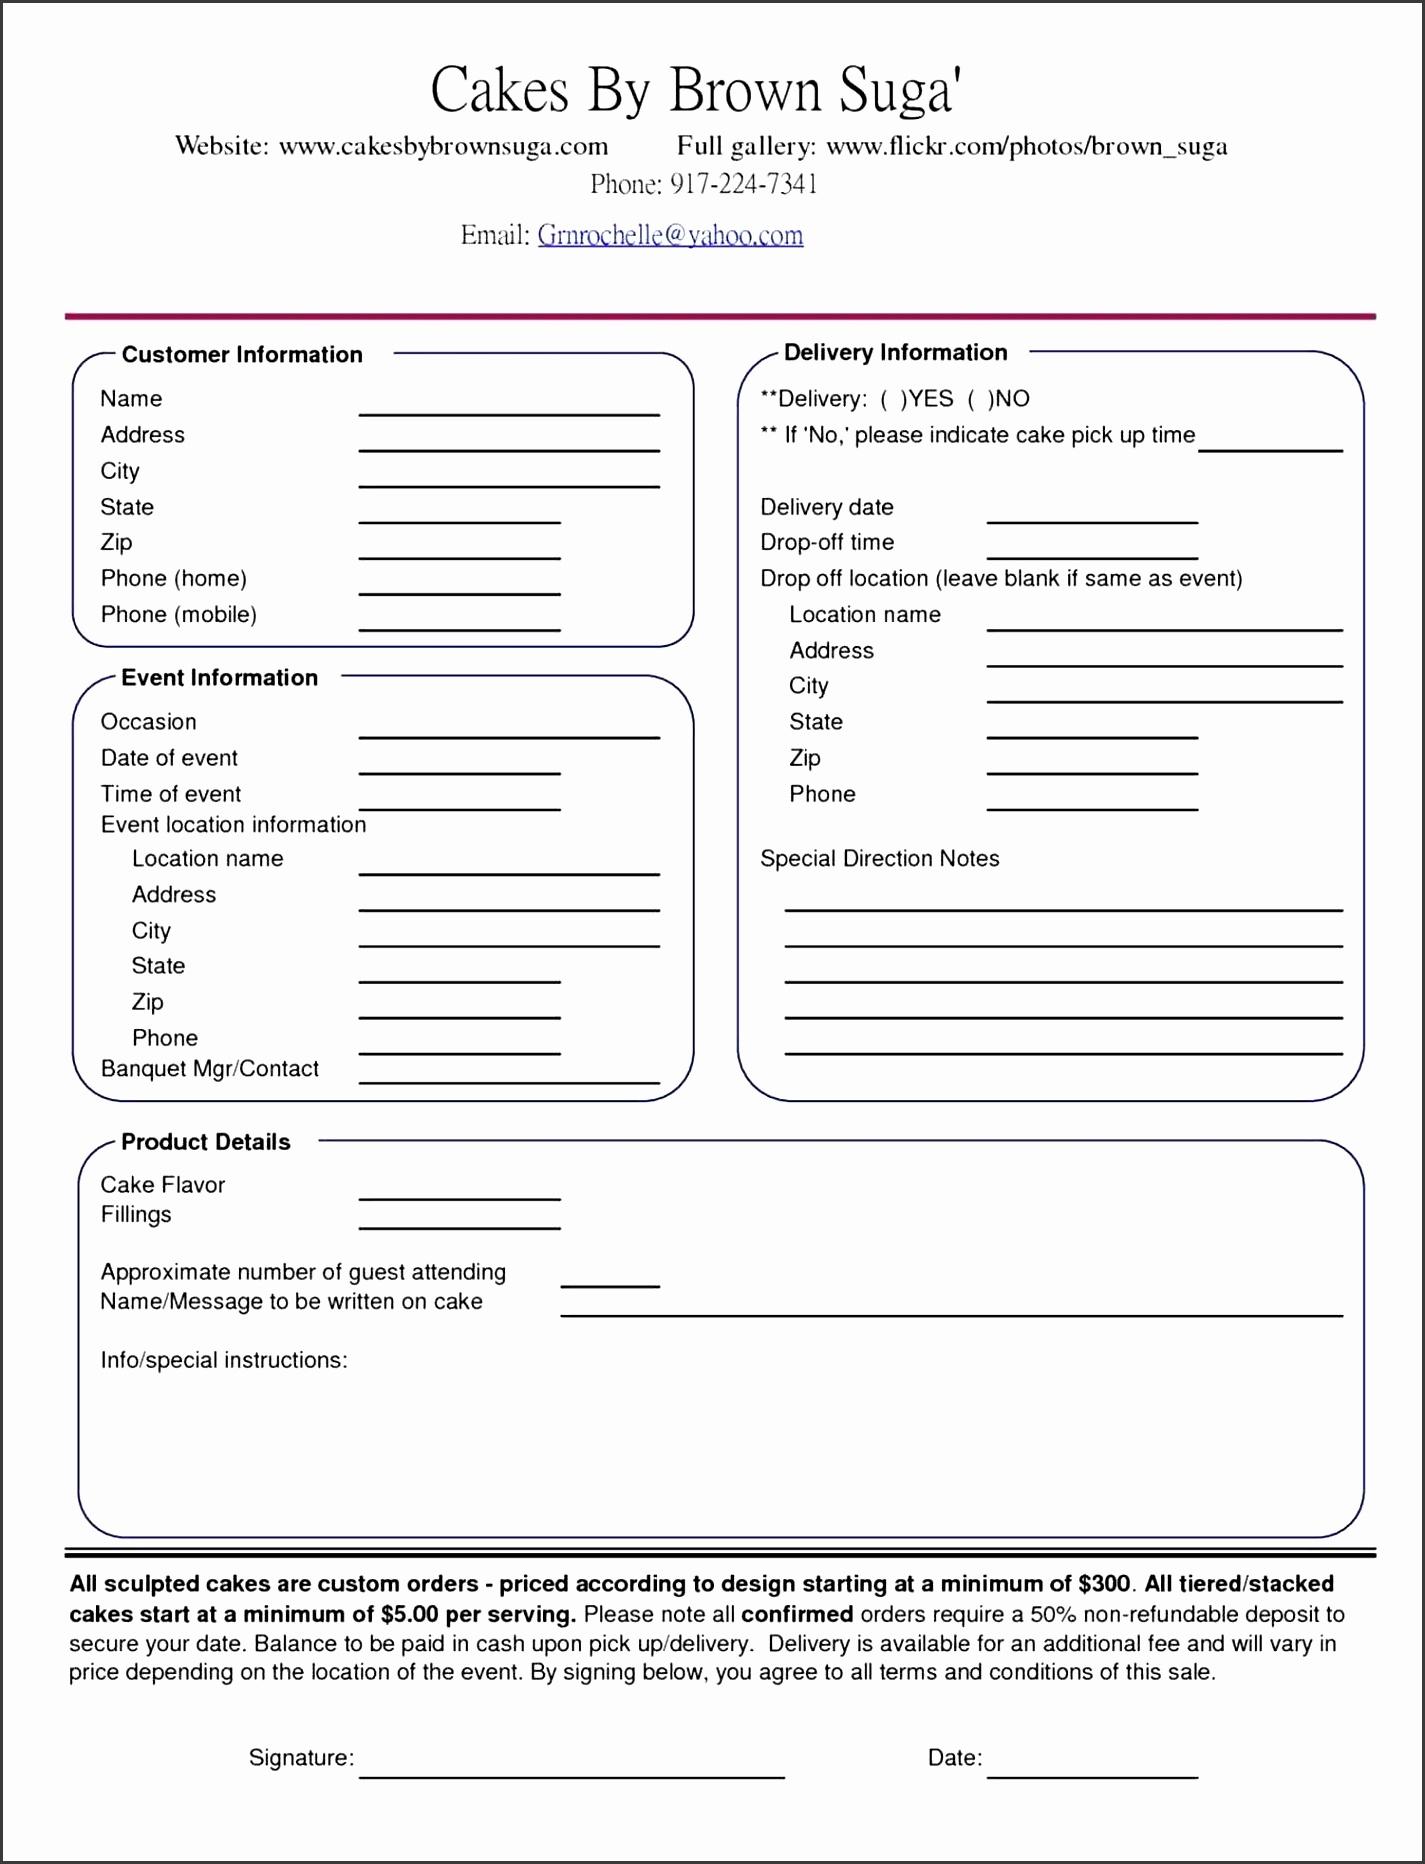 6 Client Information Sheet Templates SampleTemplatess